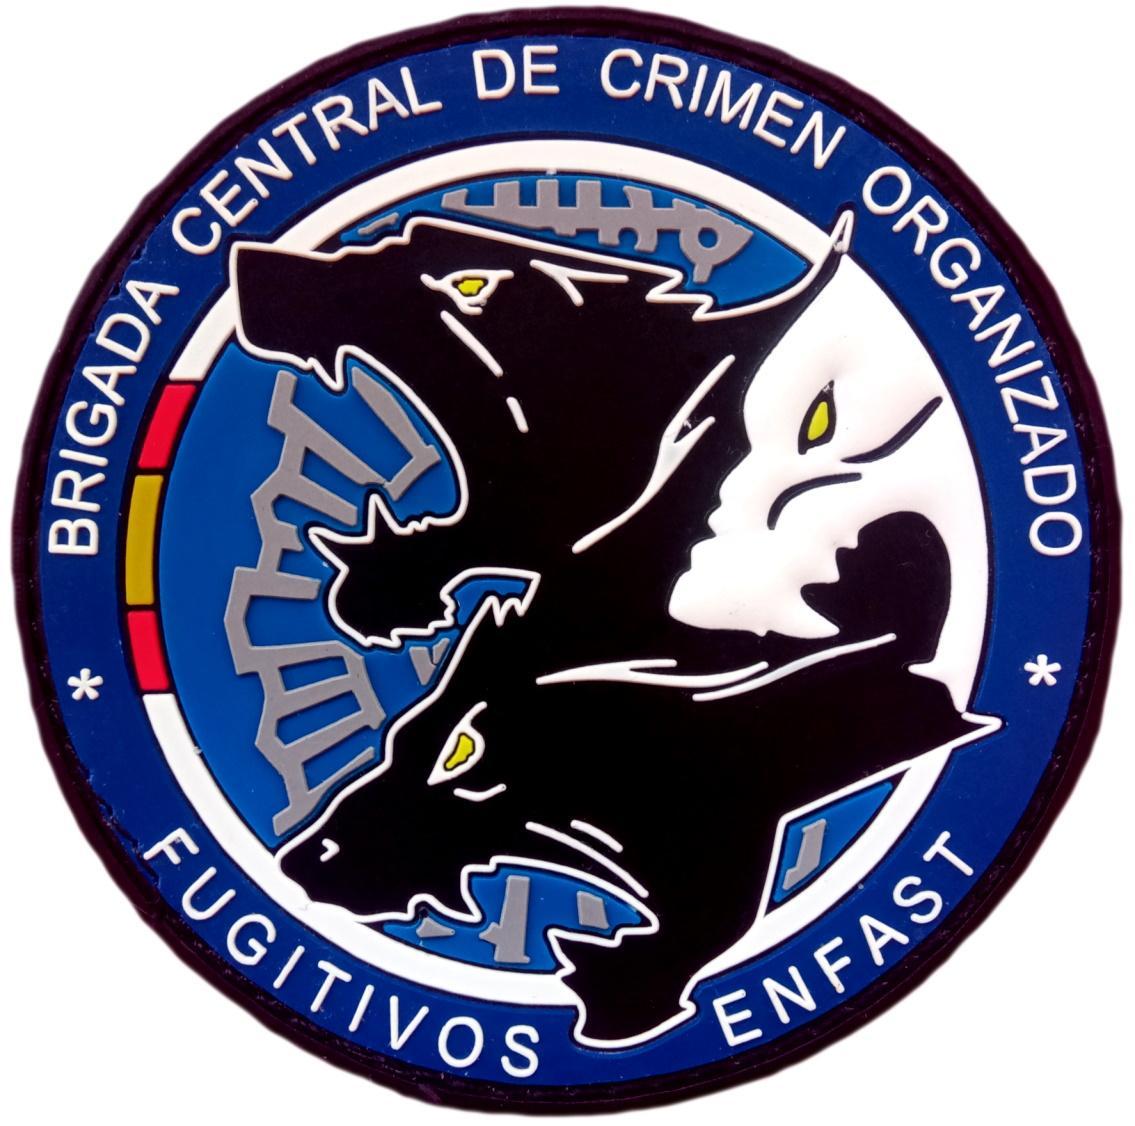 Policía Nacional CNP Fugitivos Enfast Brigada central de crimen organizado parche insignia emblema distintivo